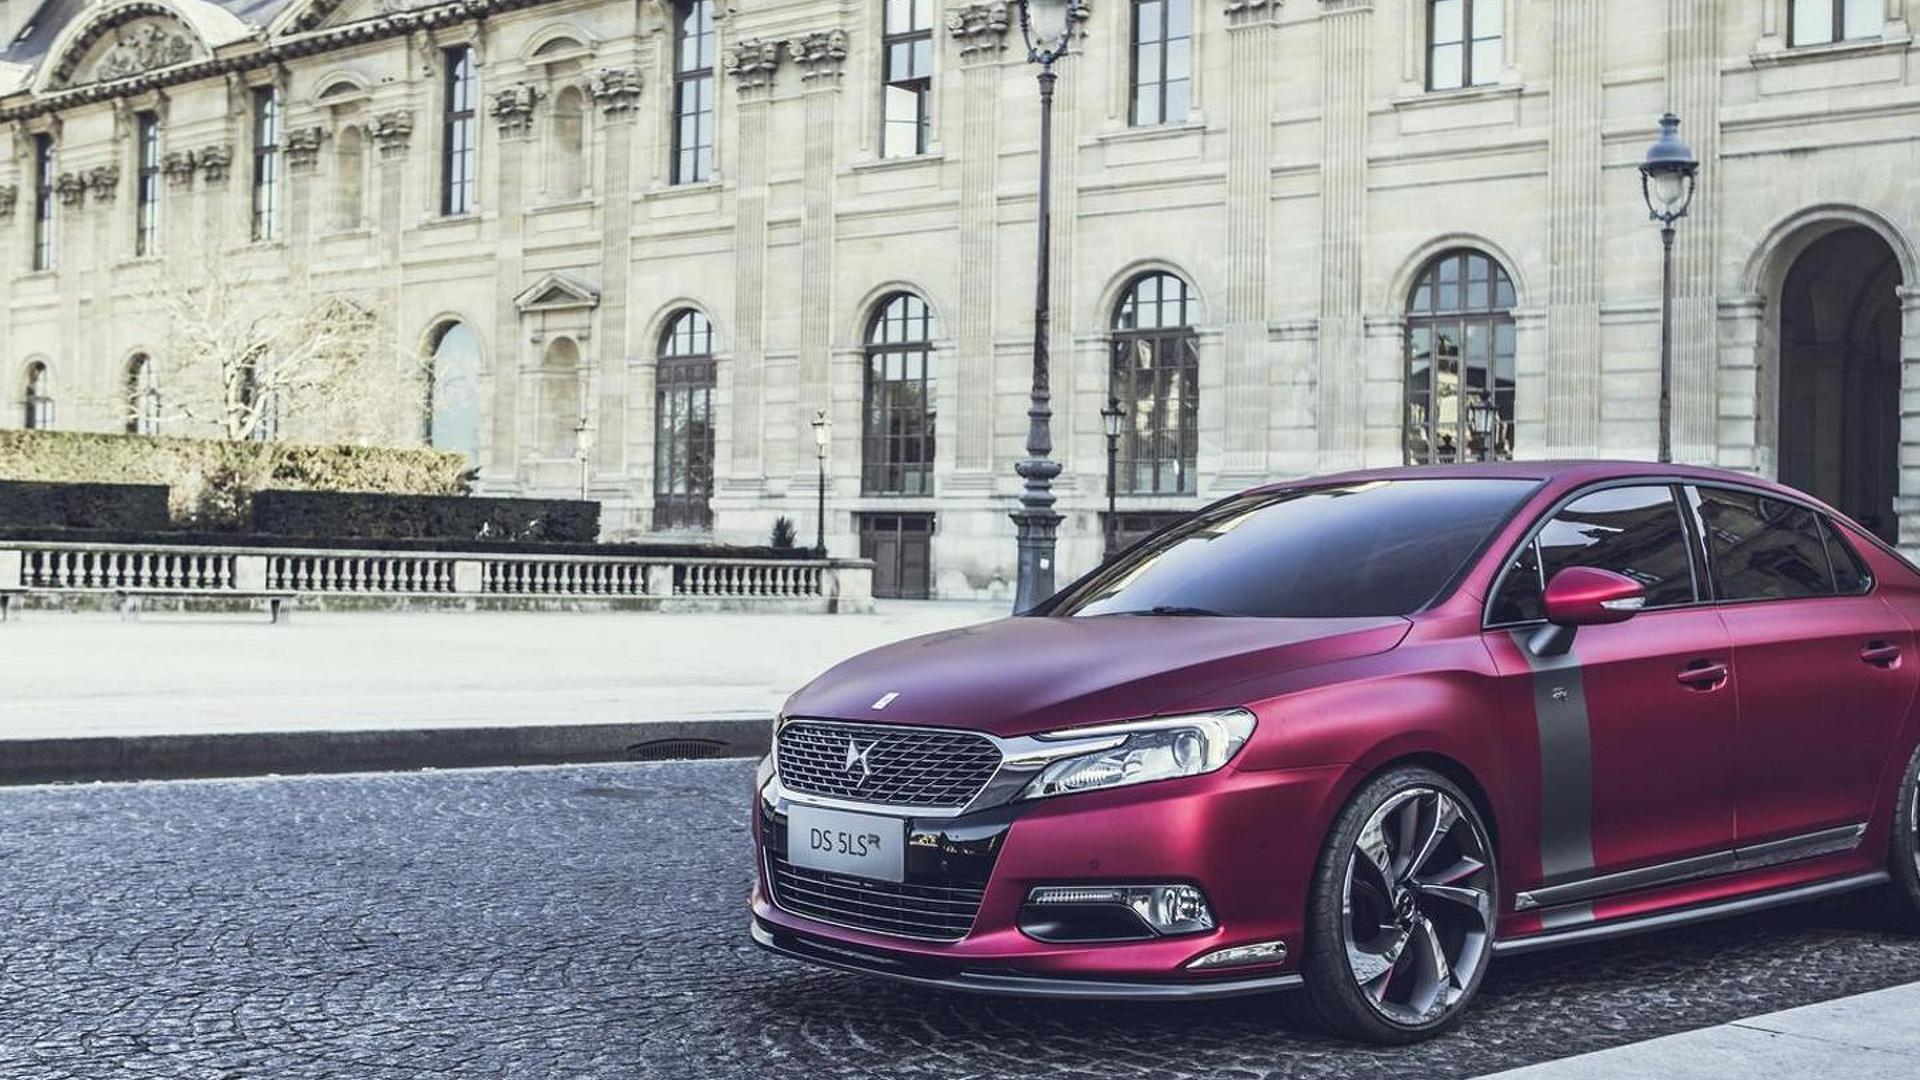 Citroen prepares 300 bhp DS 5LS R concept for Beijing Motor Show